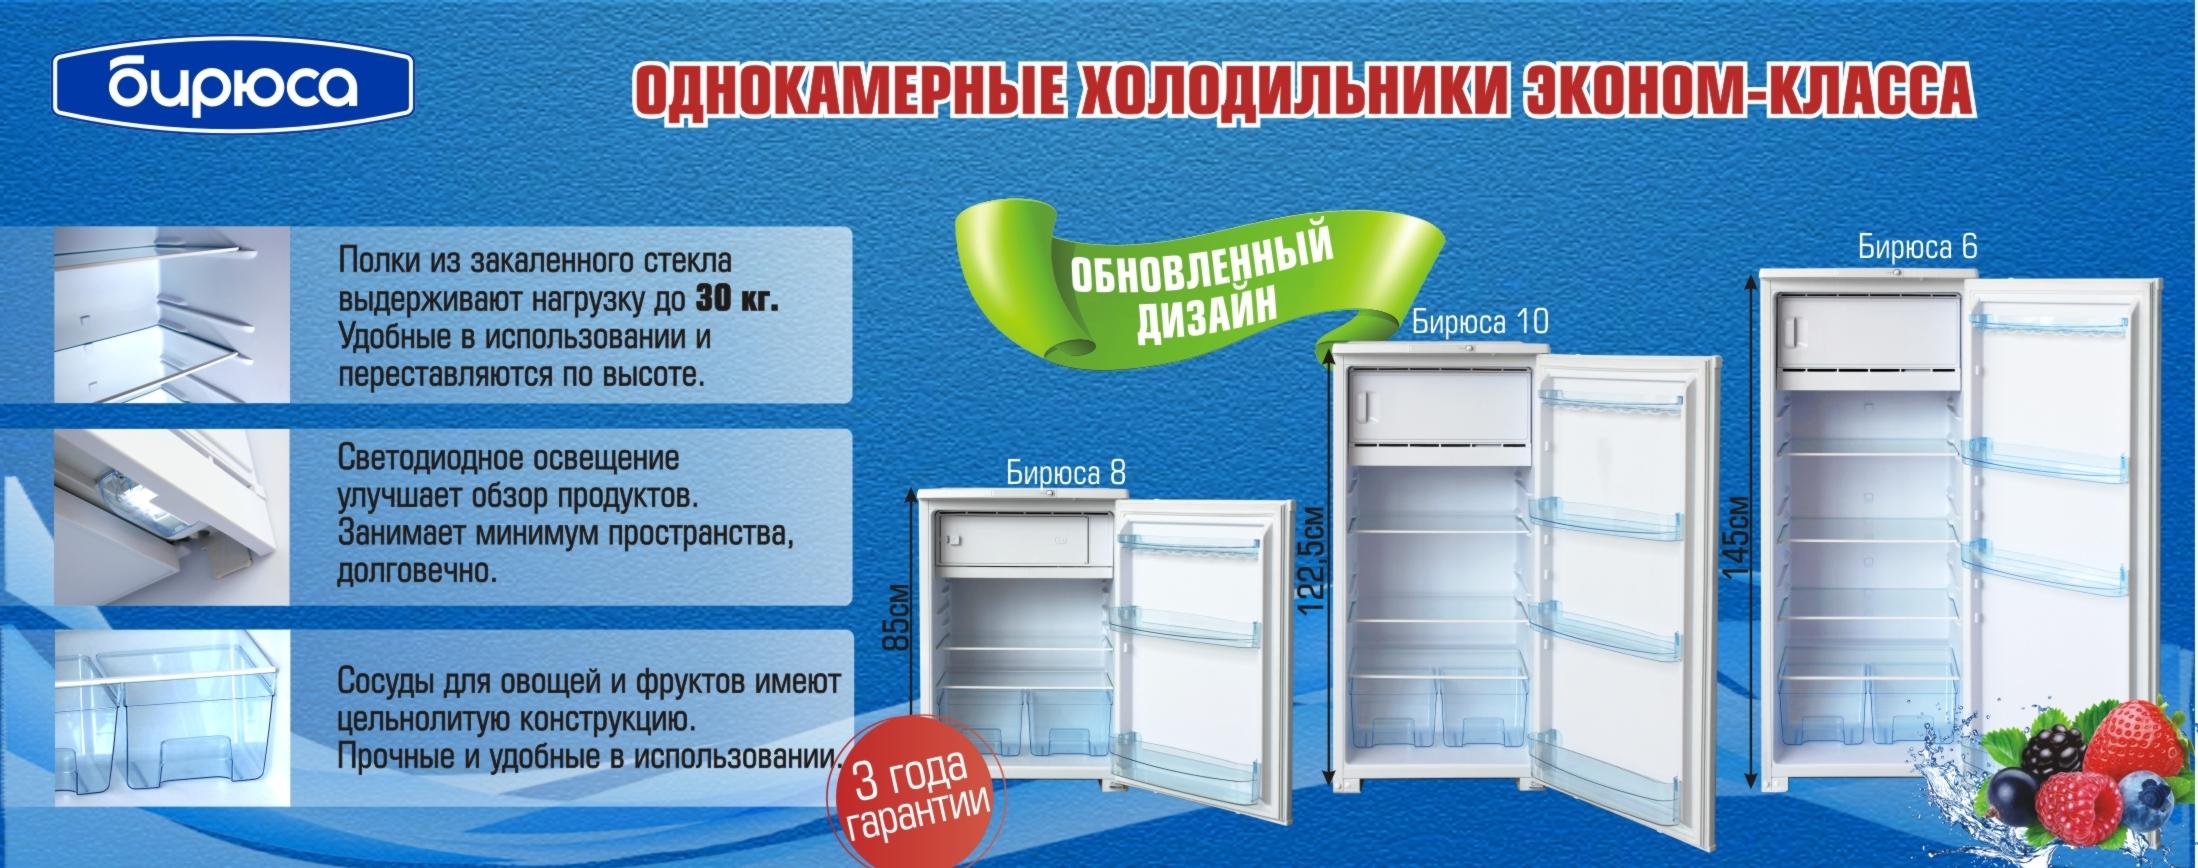 морозильная камера бирюса 14 е инструкция